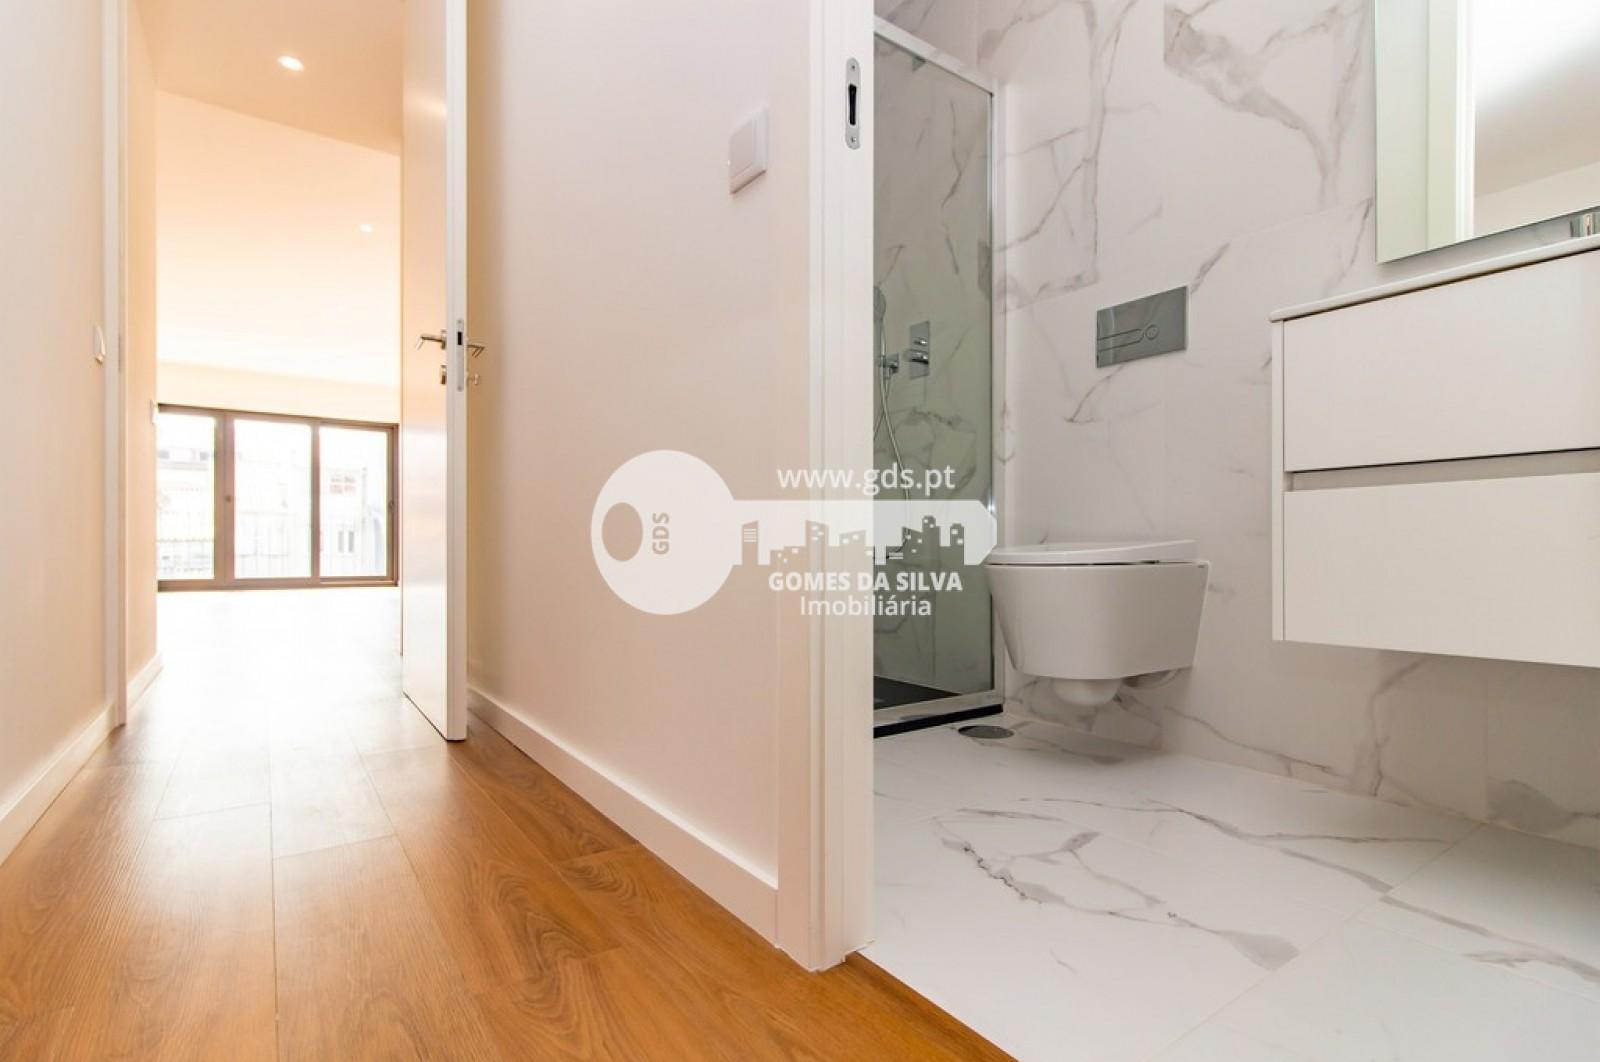 Apartamento T3 para Venda em São Vicente, Braga, Braga - Imagem 28